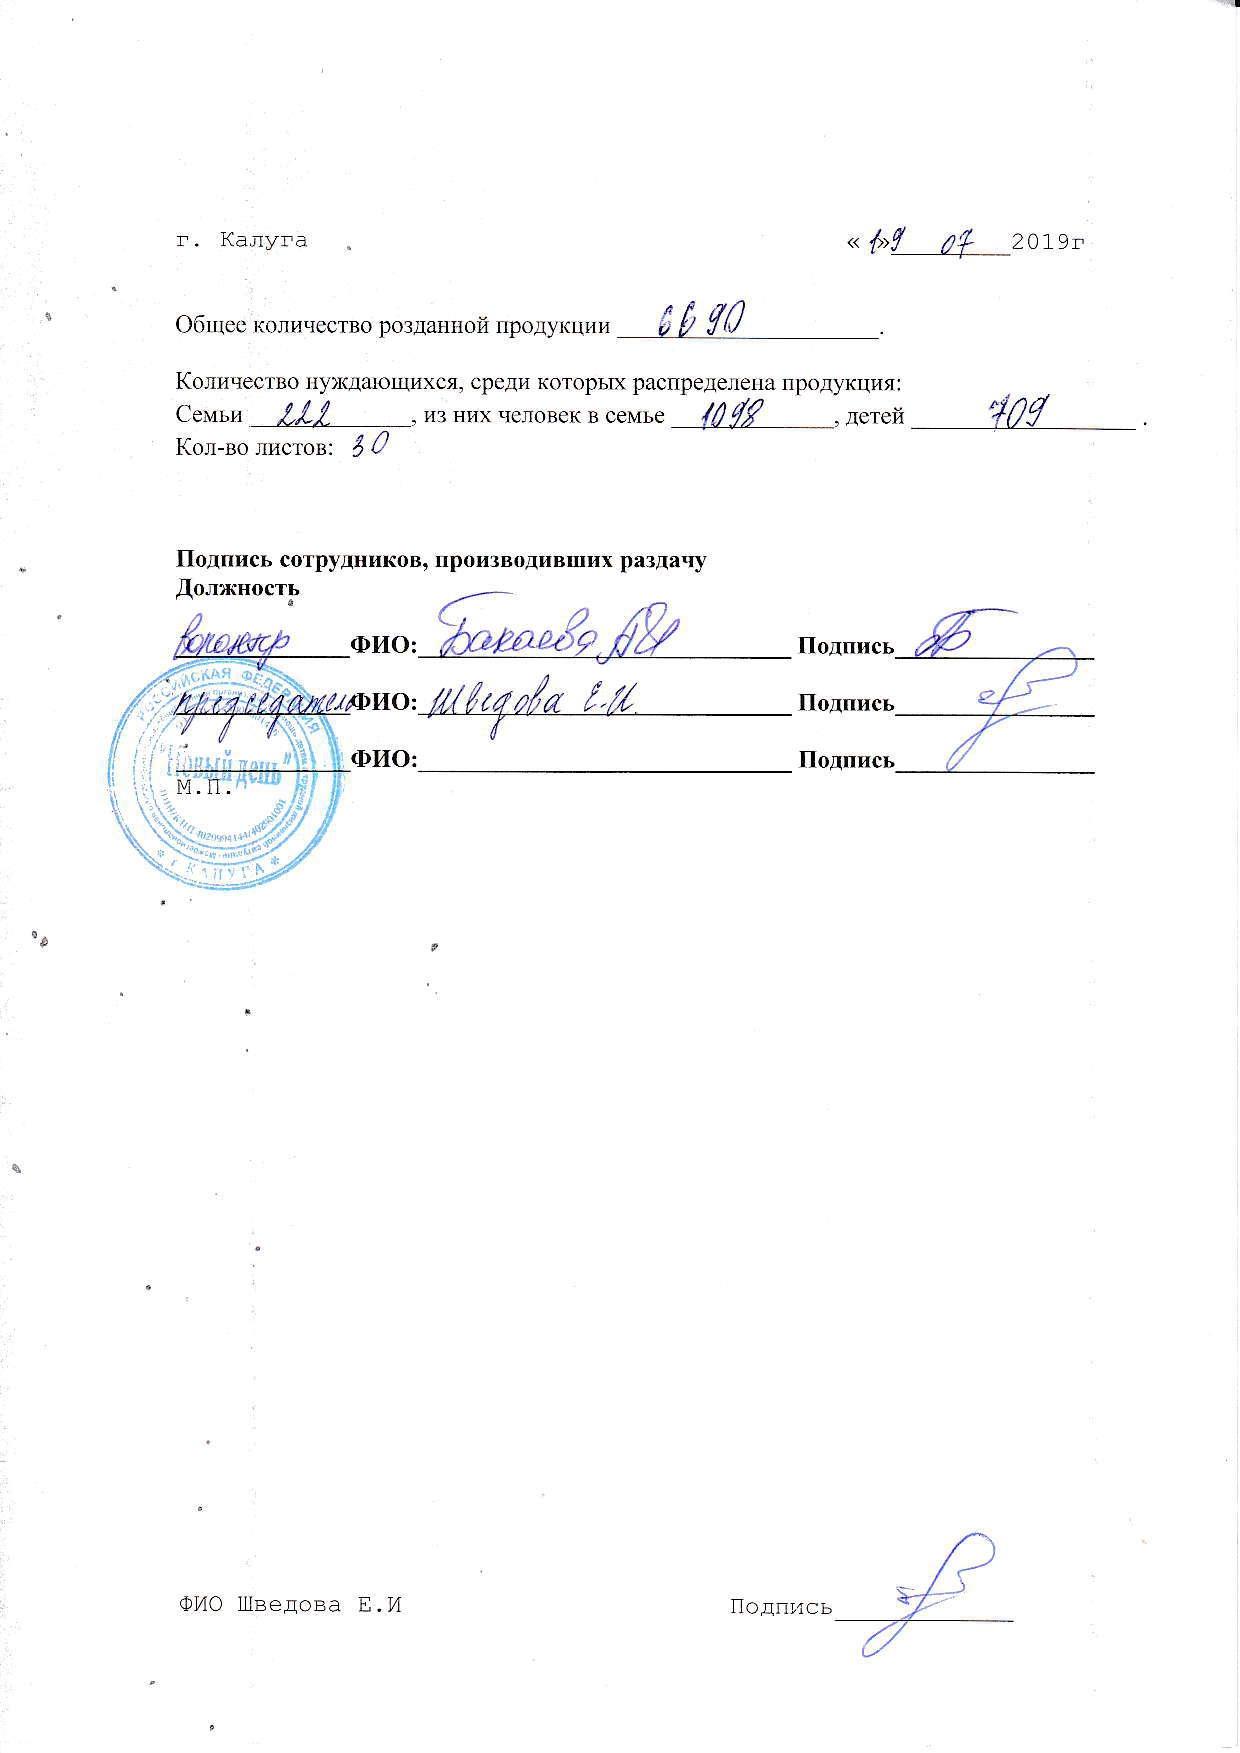 Молочка кол-во 19.07.2019